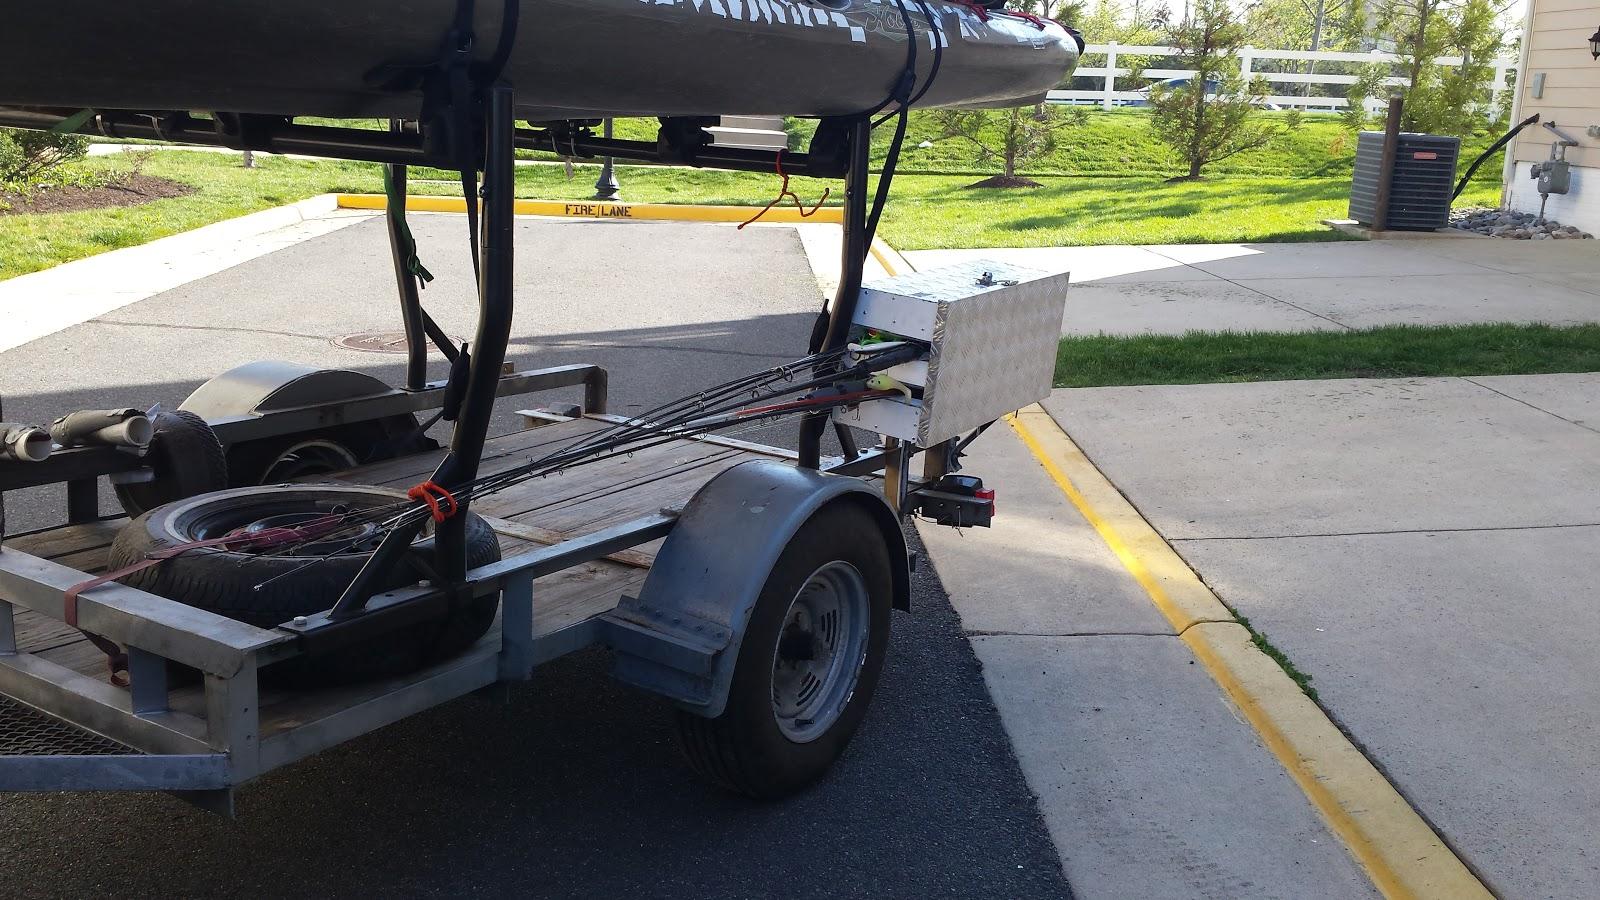 Diy Locking Rod Transport For A Kayak Trailer Or Roof Rack